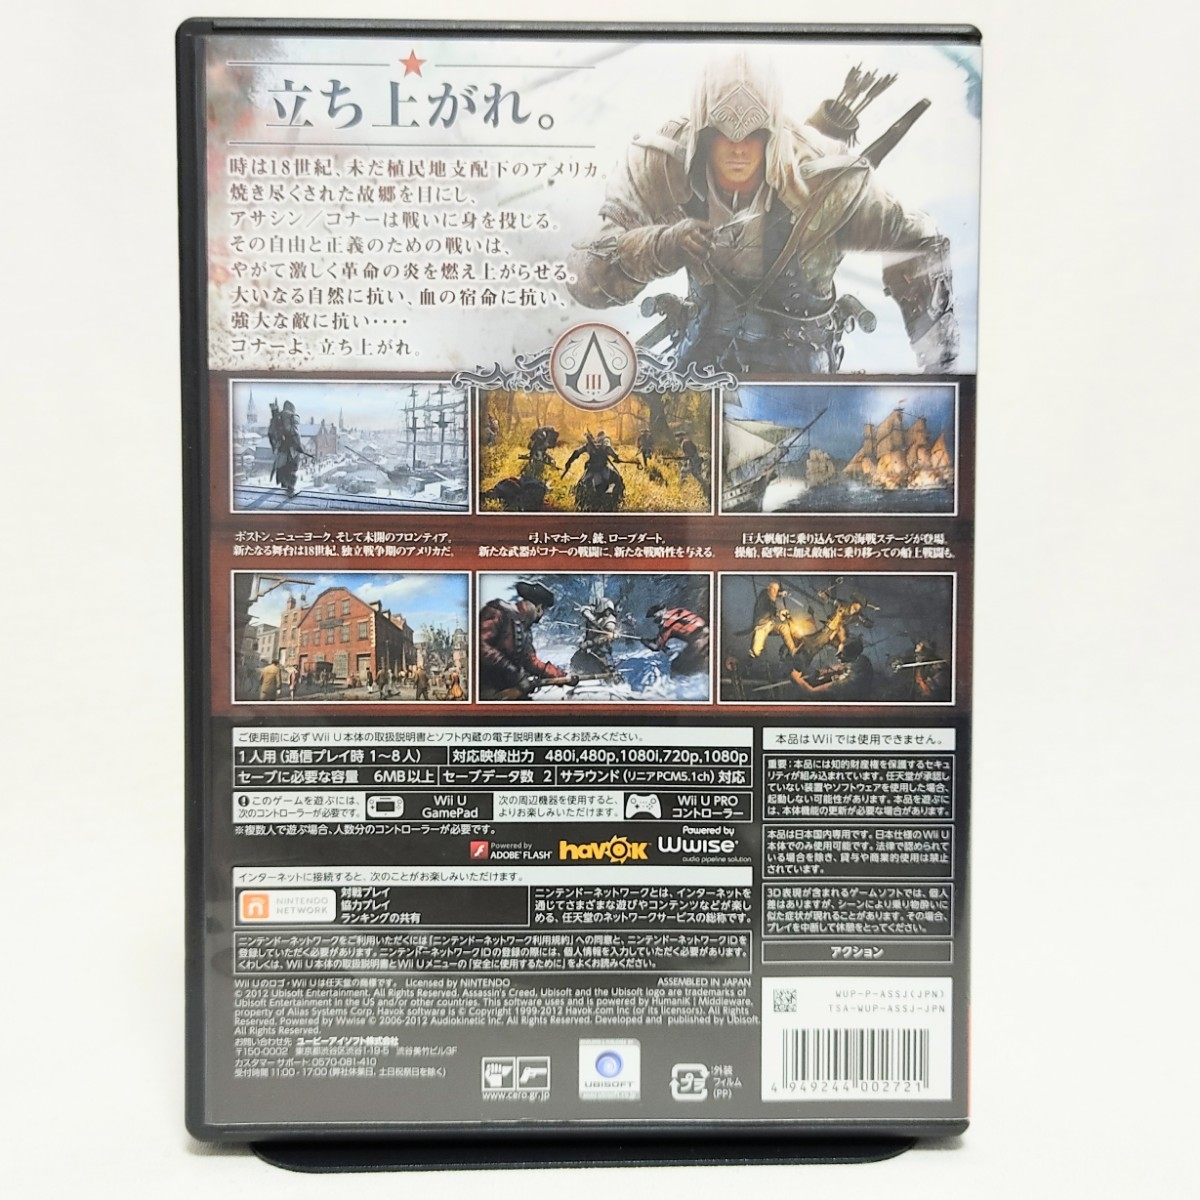 アサシン クリードⅢ Wii U assassin's creed 3